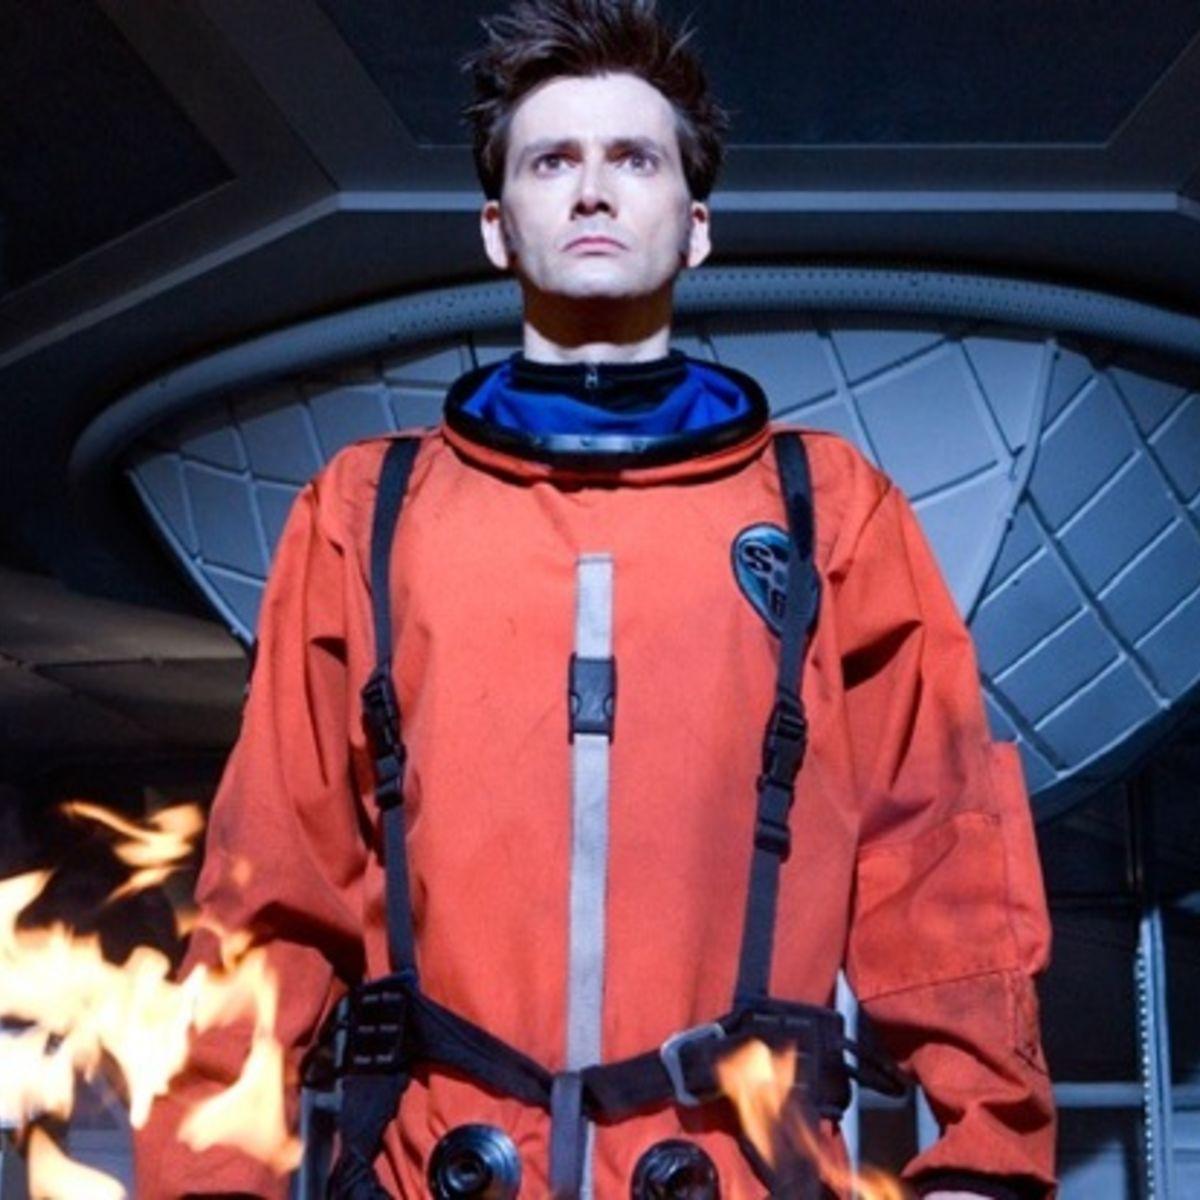 Doctor_who_Waters_of_Mars_Tennant.jpg